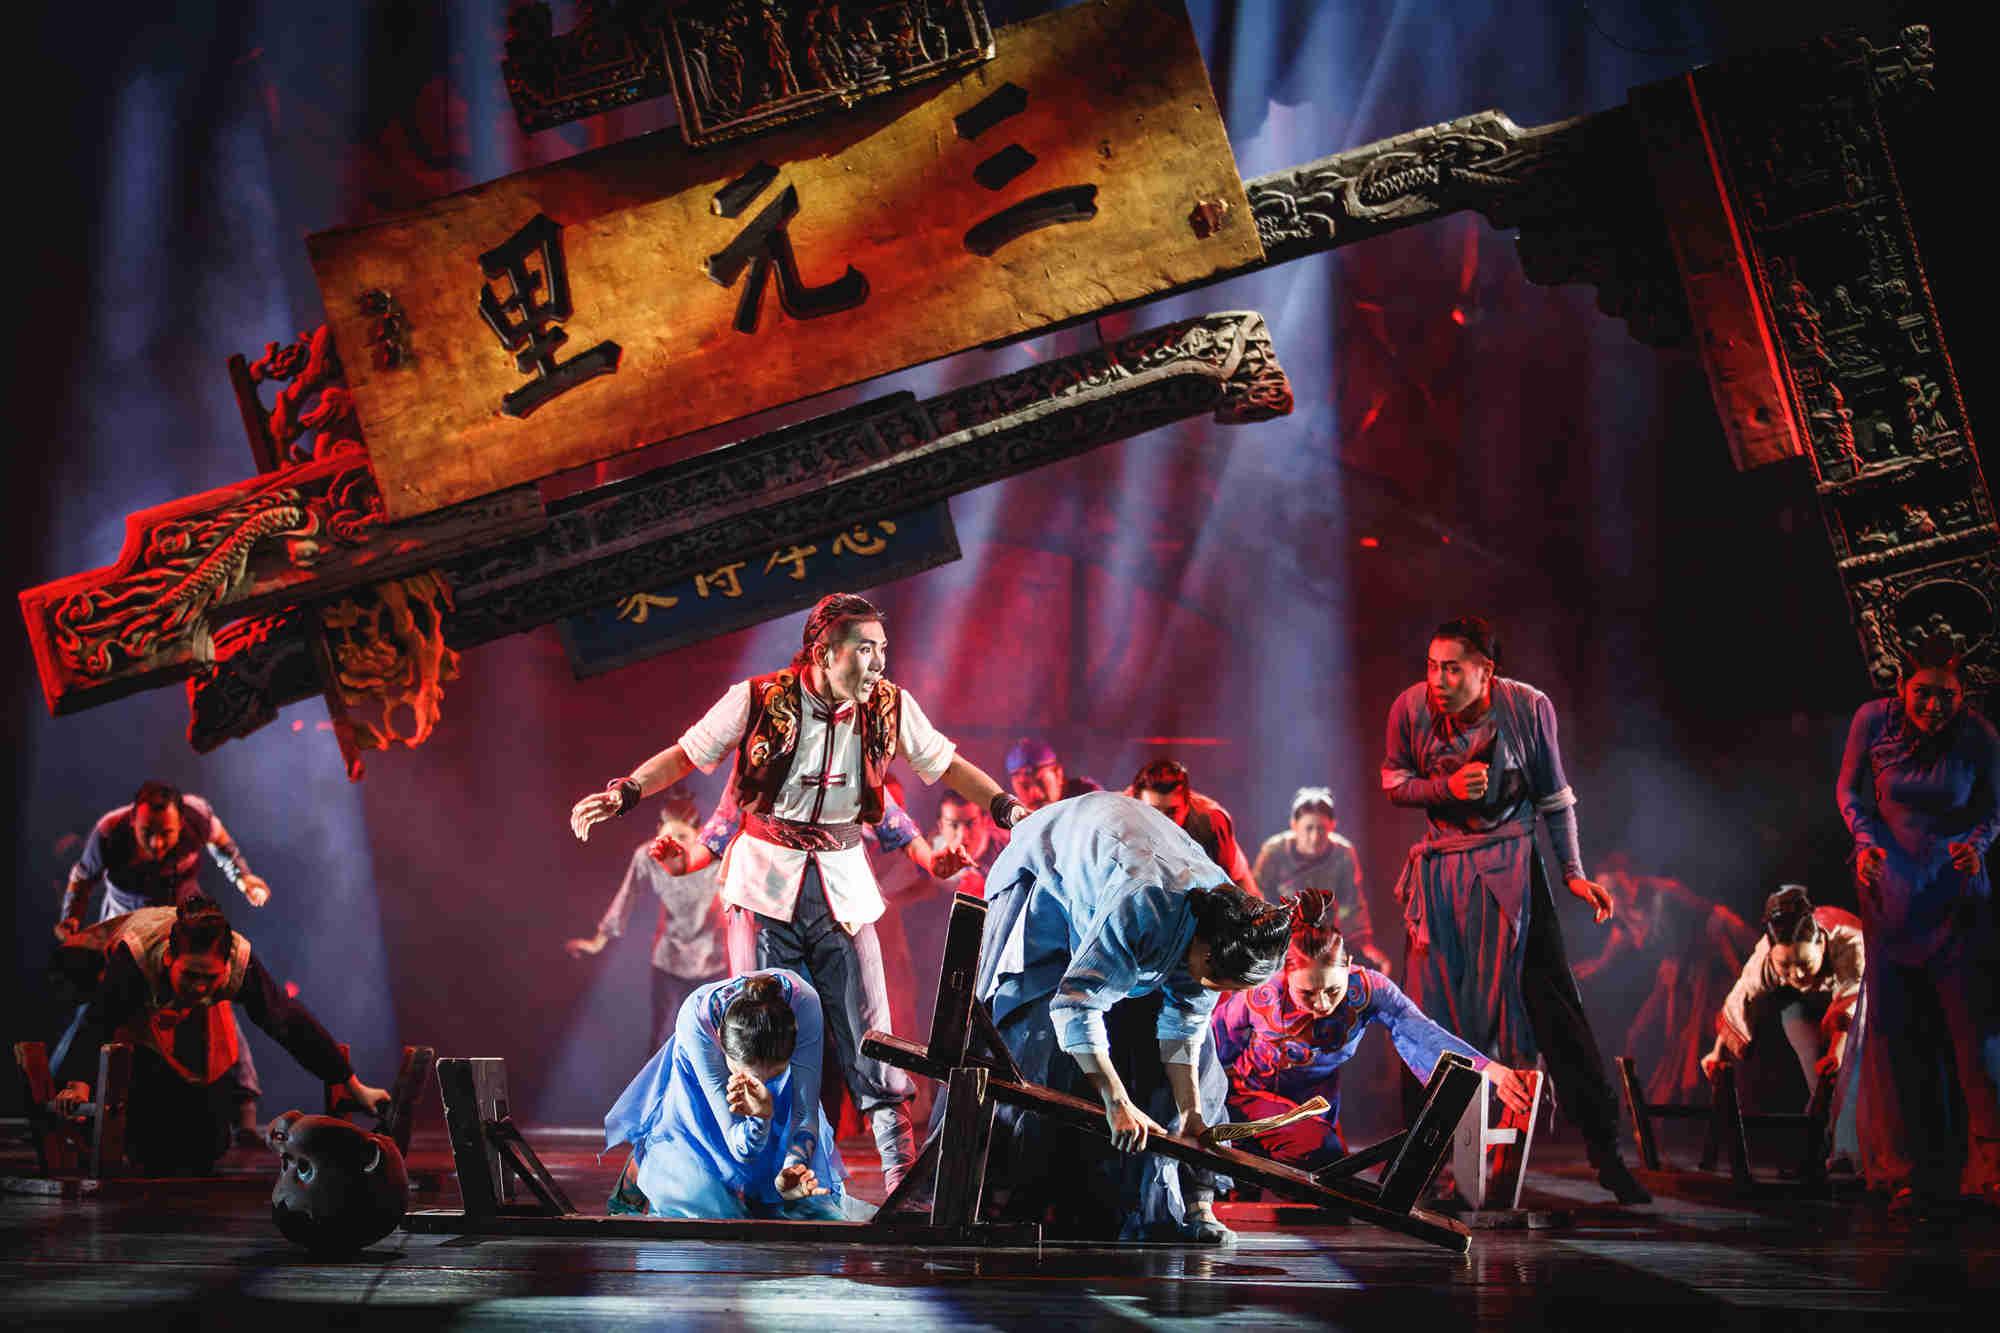 021 2019.04.18 广州歌舞剧院 大型民族舞剧《醒·狮》 摄影@舞蹈中国-刘海栋_副本.jpg